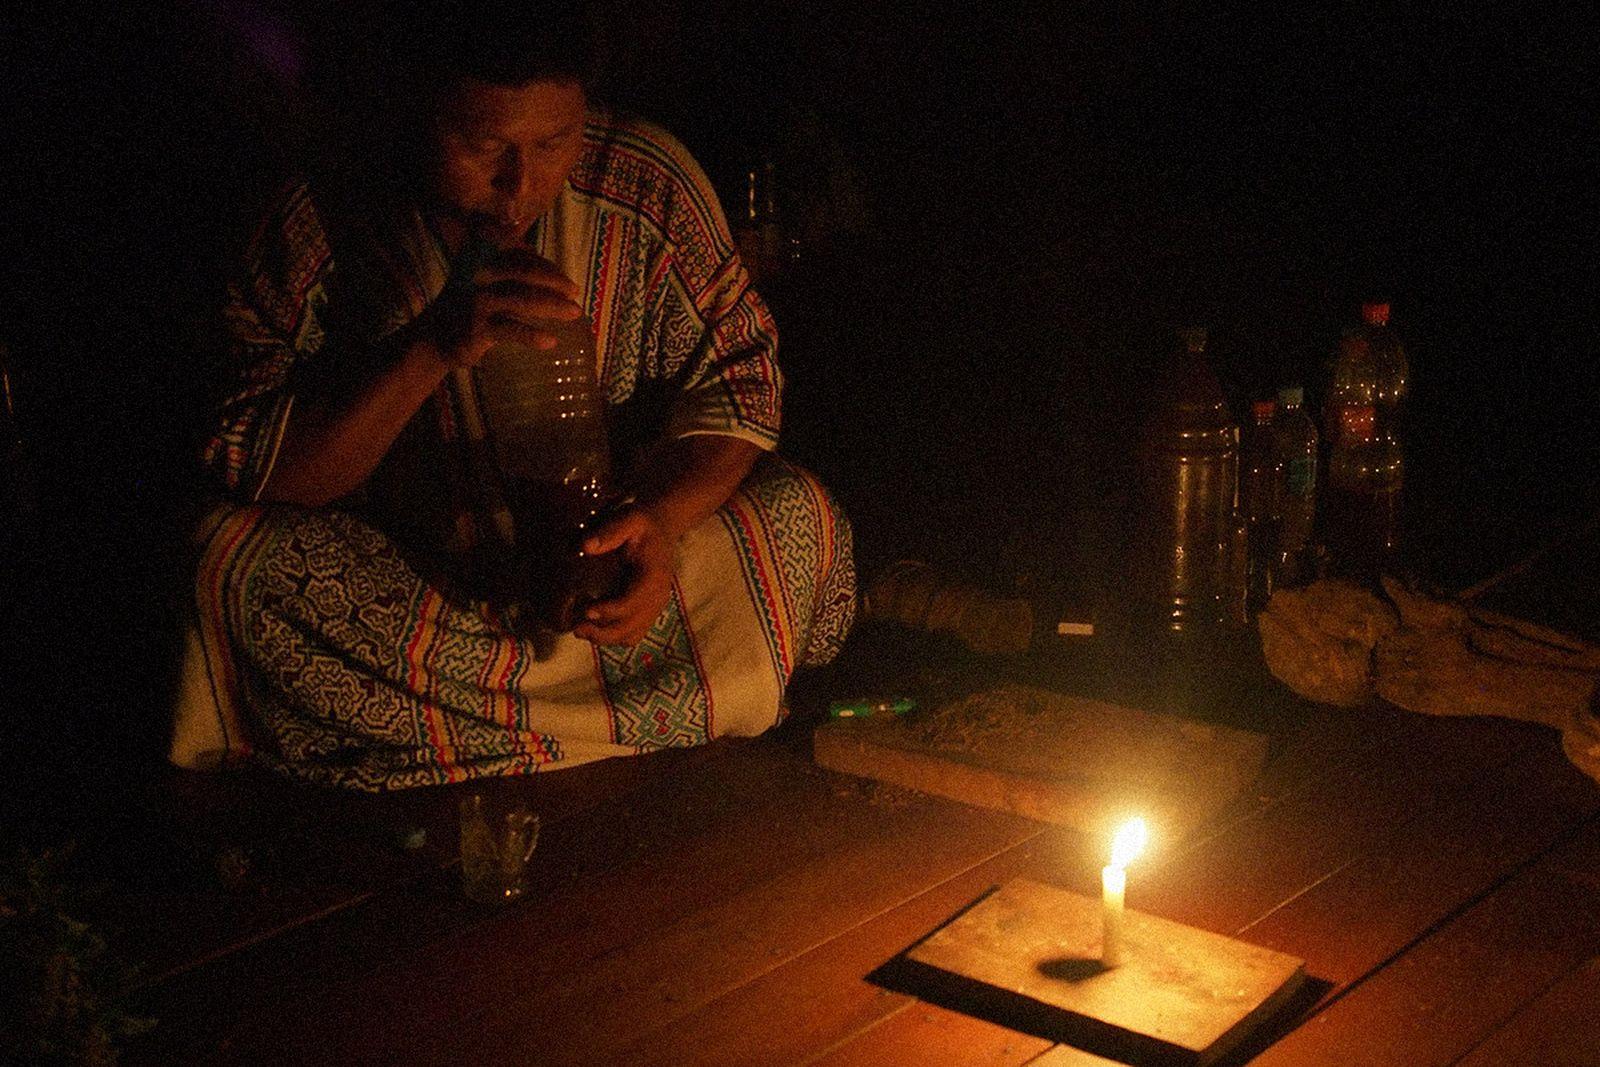 ayahuasca-ceremony-scam-main